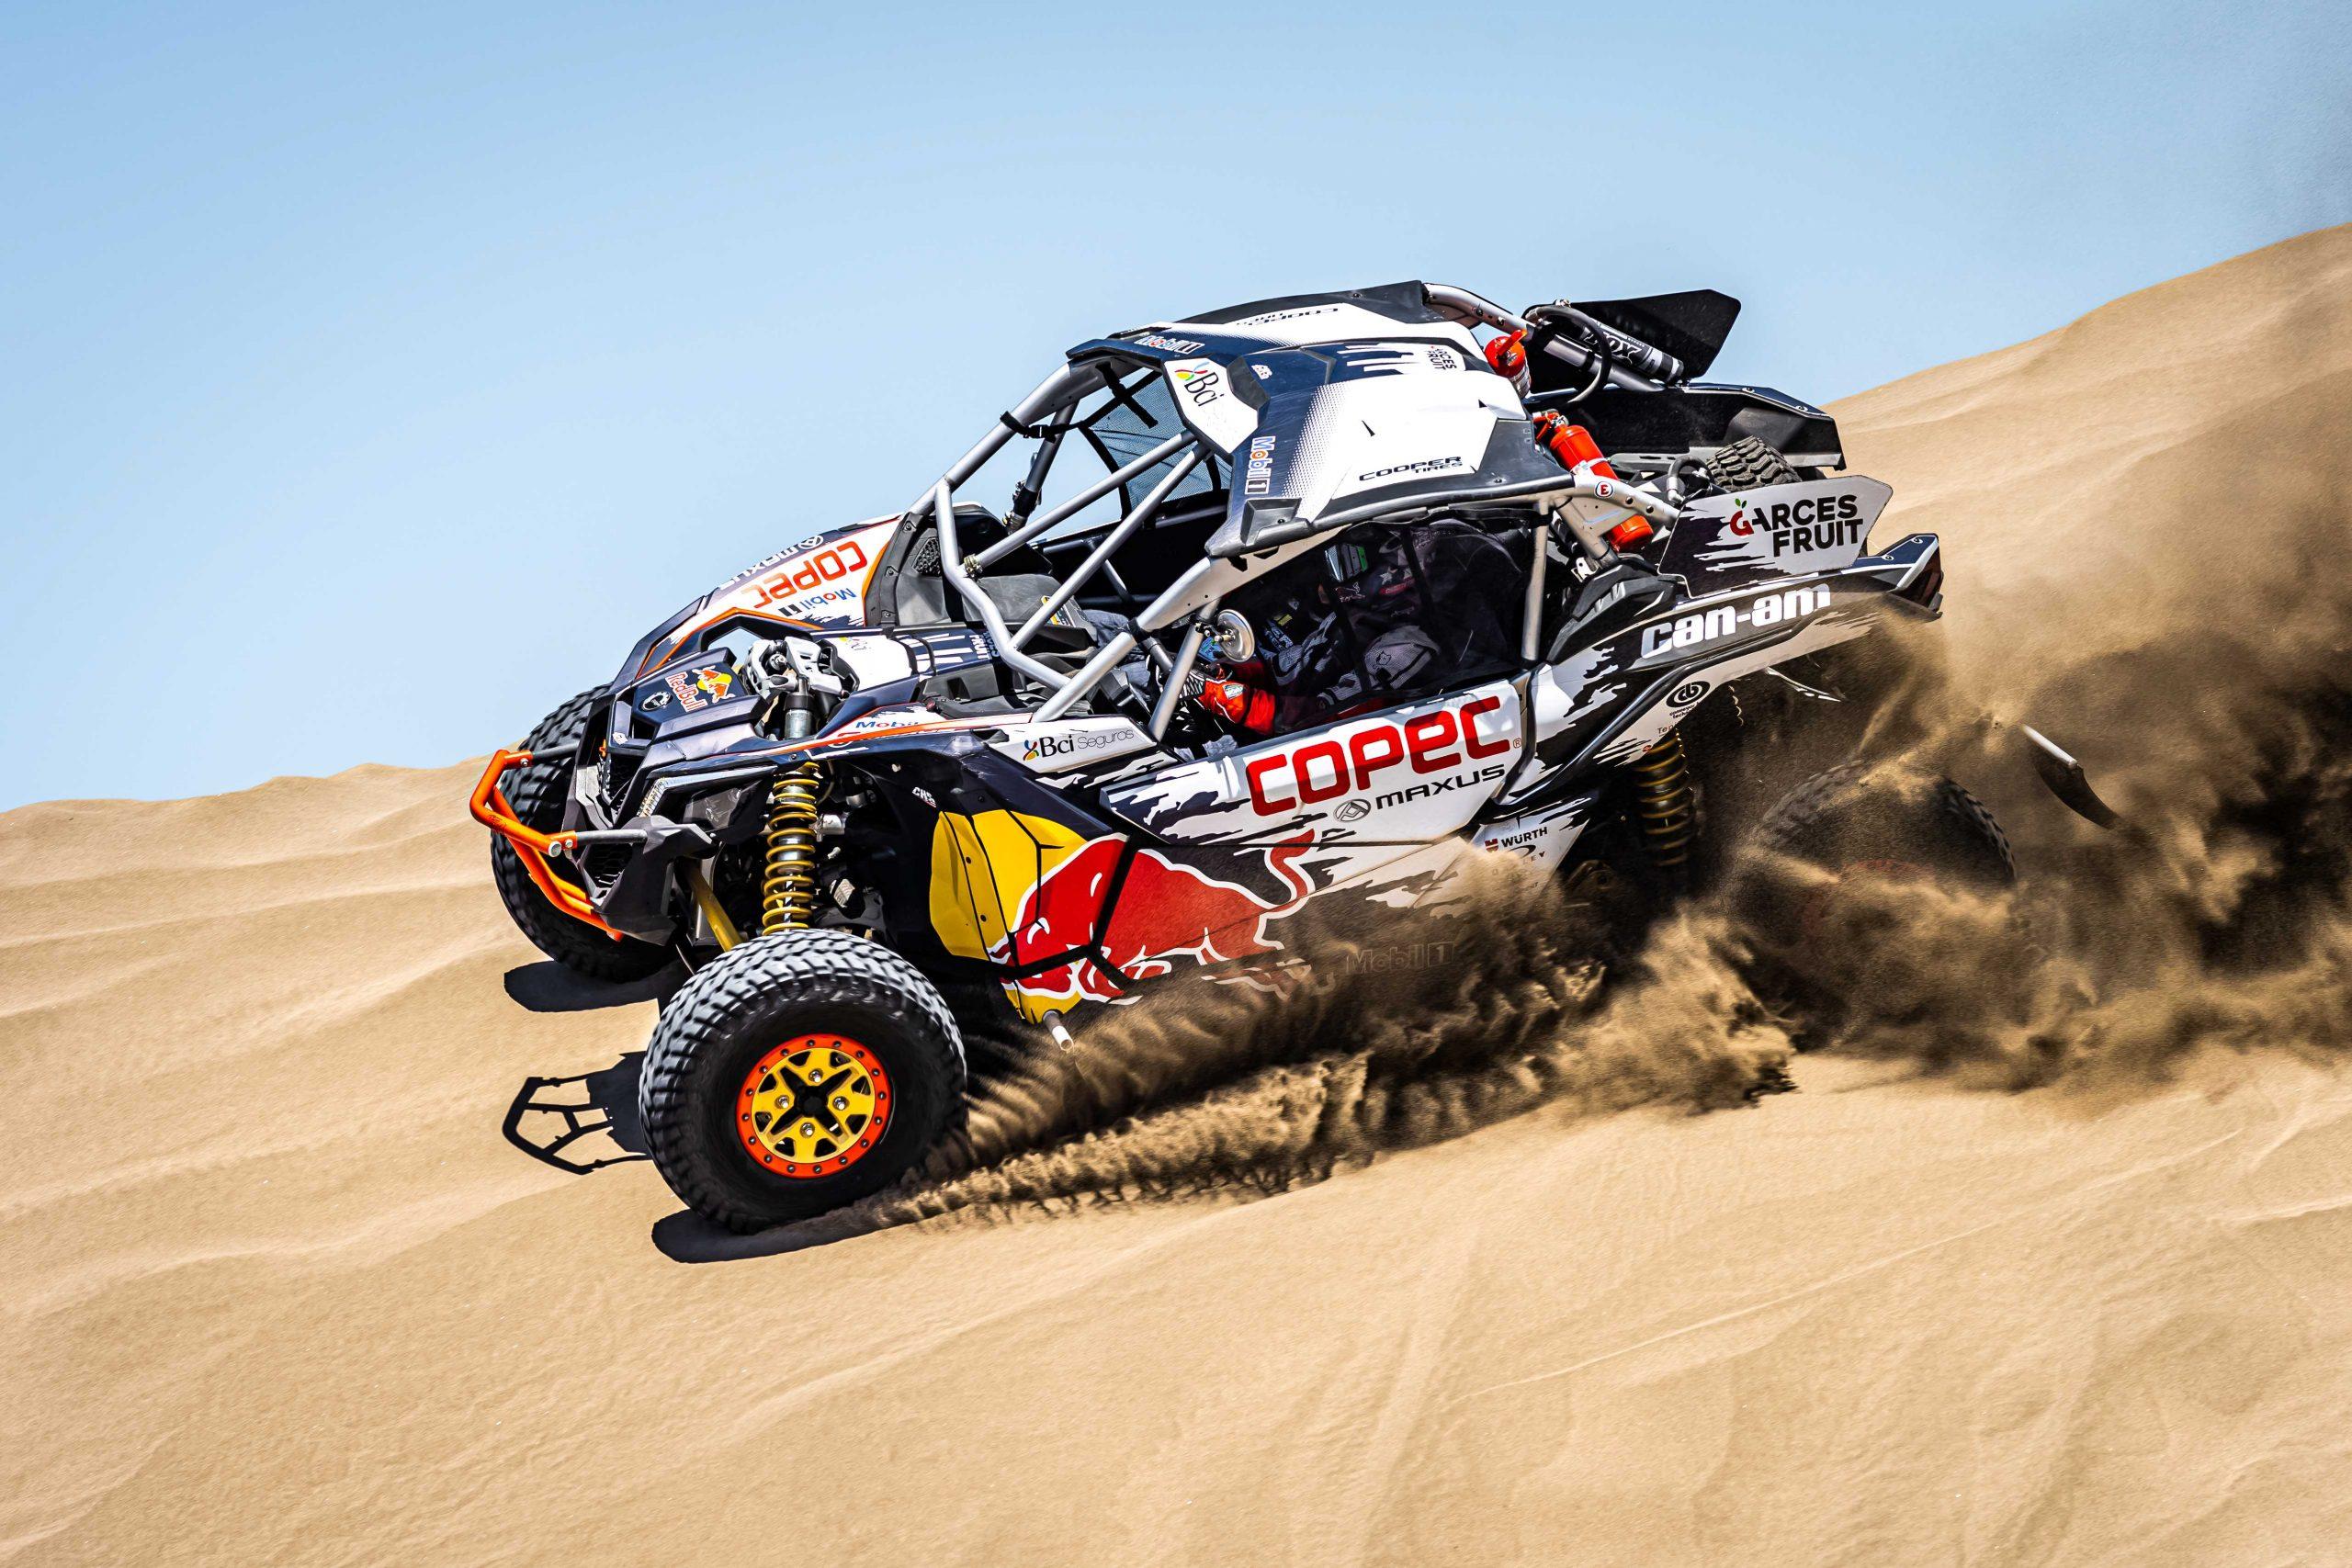 """Chaleco"""" López fue presentado como candidato al título en el lanzamiento del Dakar – Pasión Por Los Deportes"""